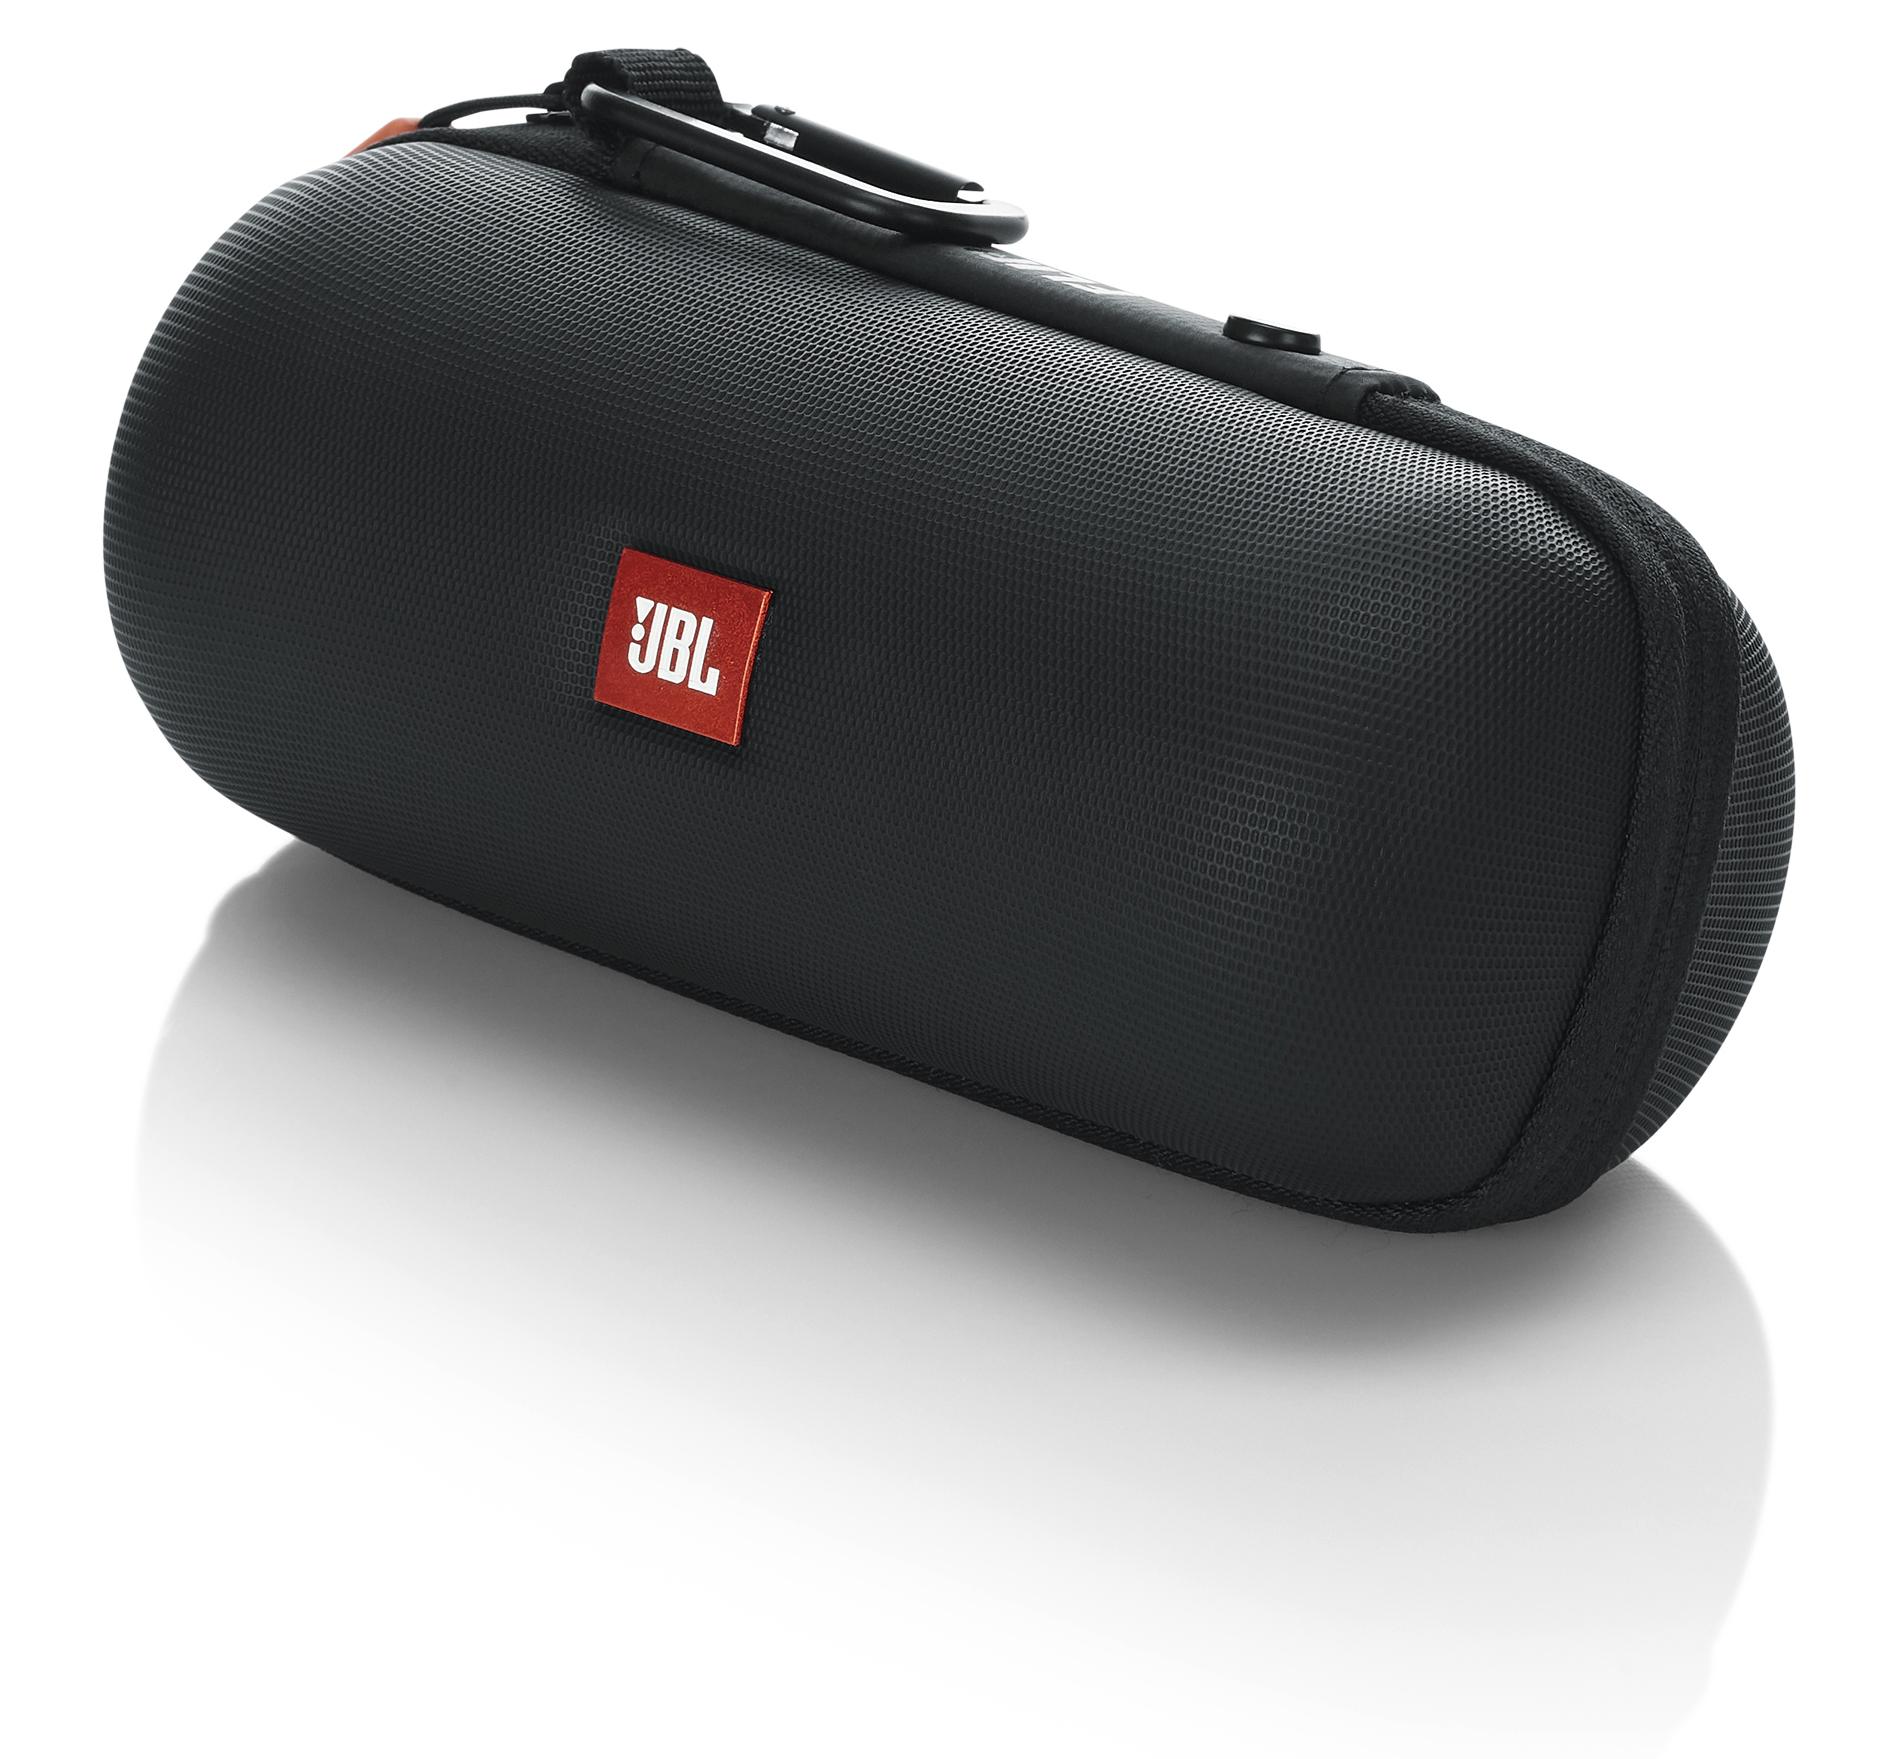 Molded carry case for JBL Flip 4 speaker – JBL-FLIP4-CASE